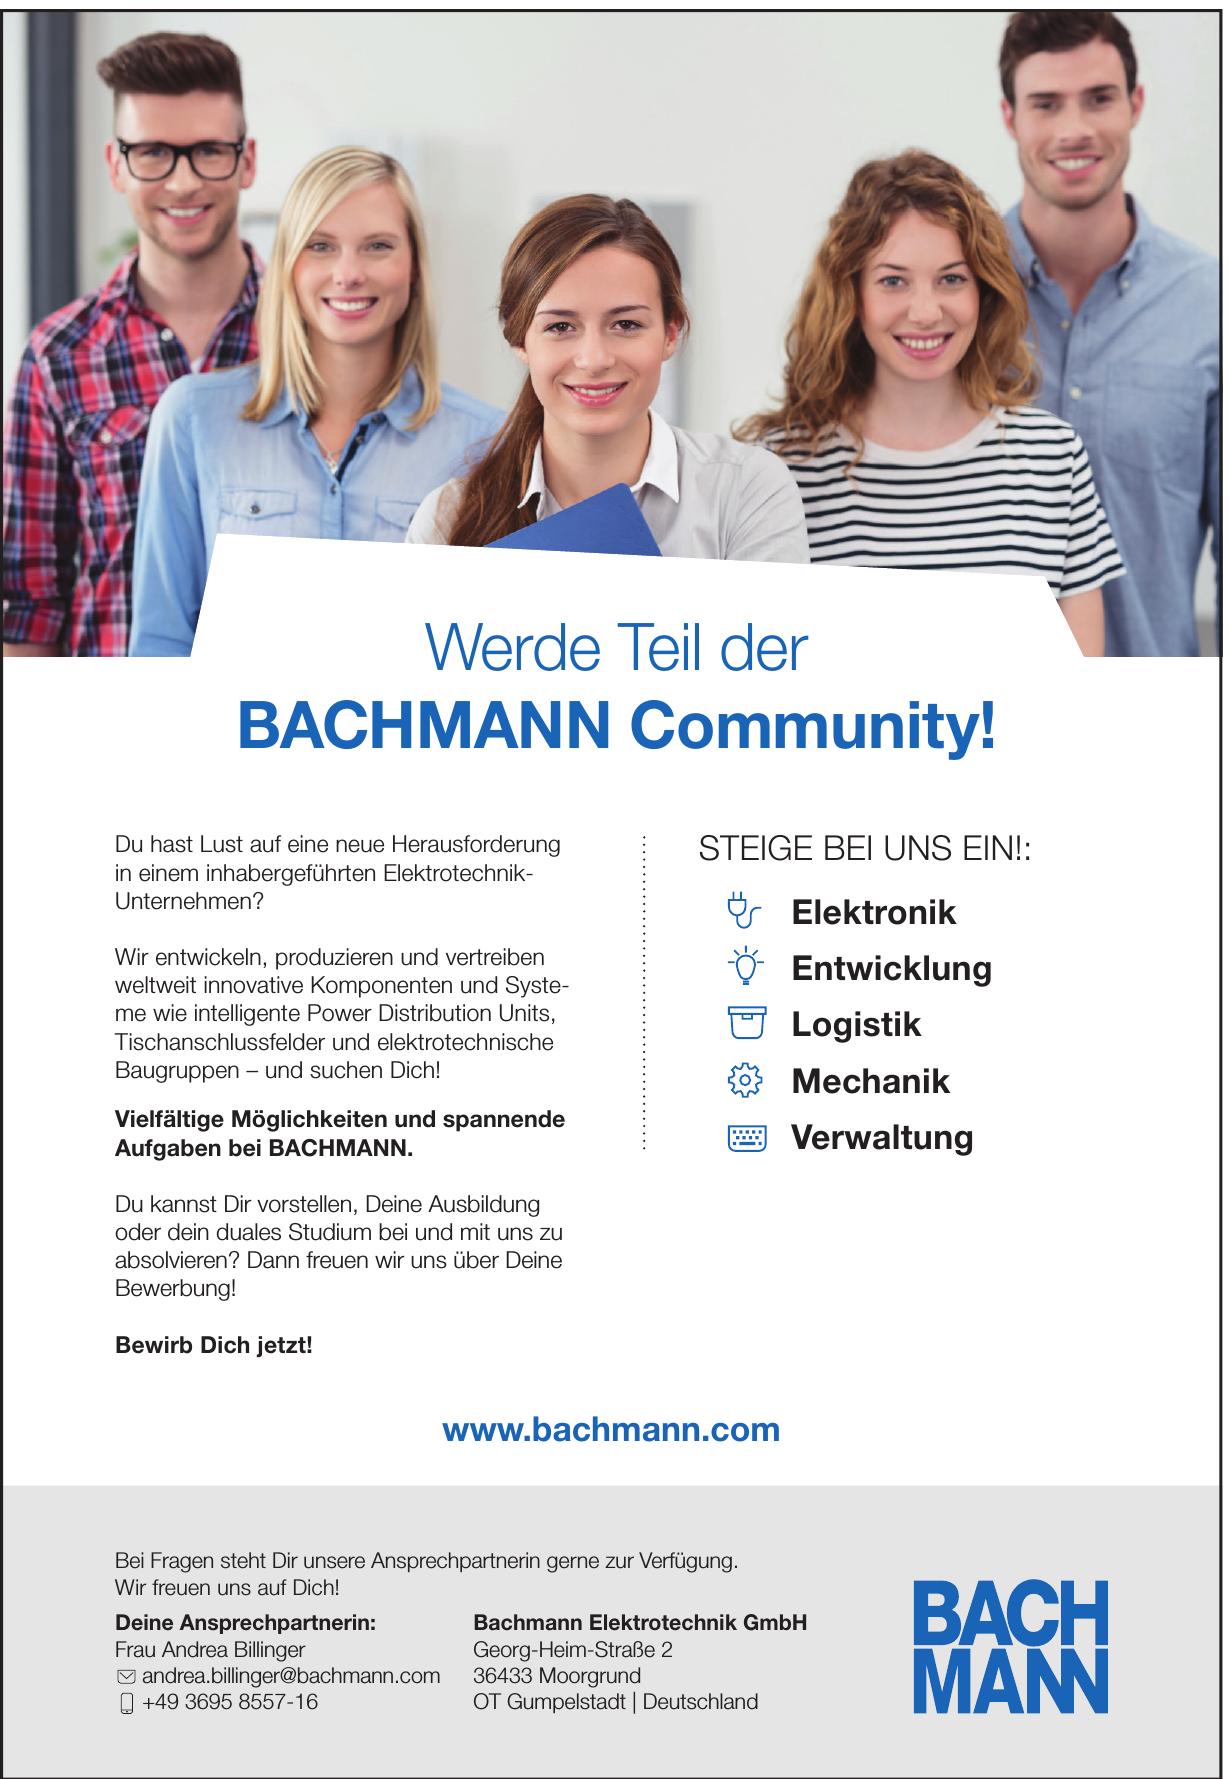 Bachmann Elektrotechnik GmbH